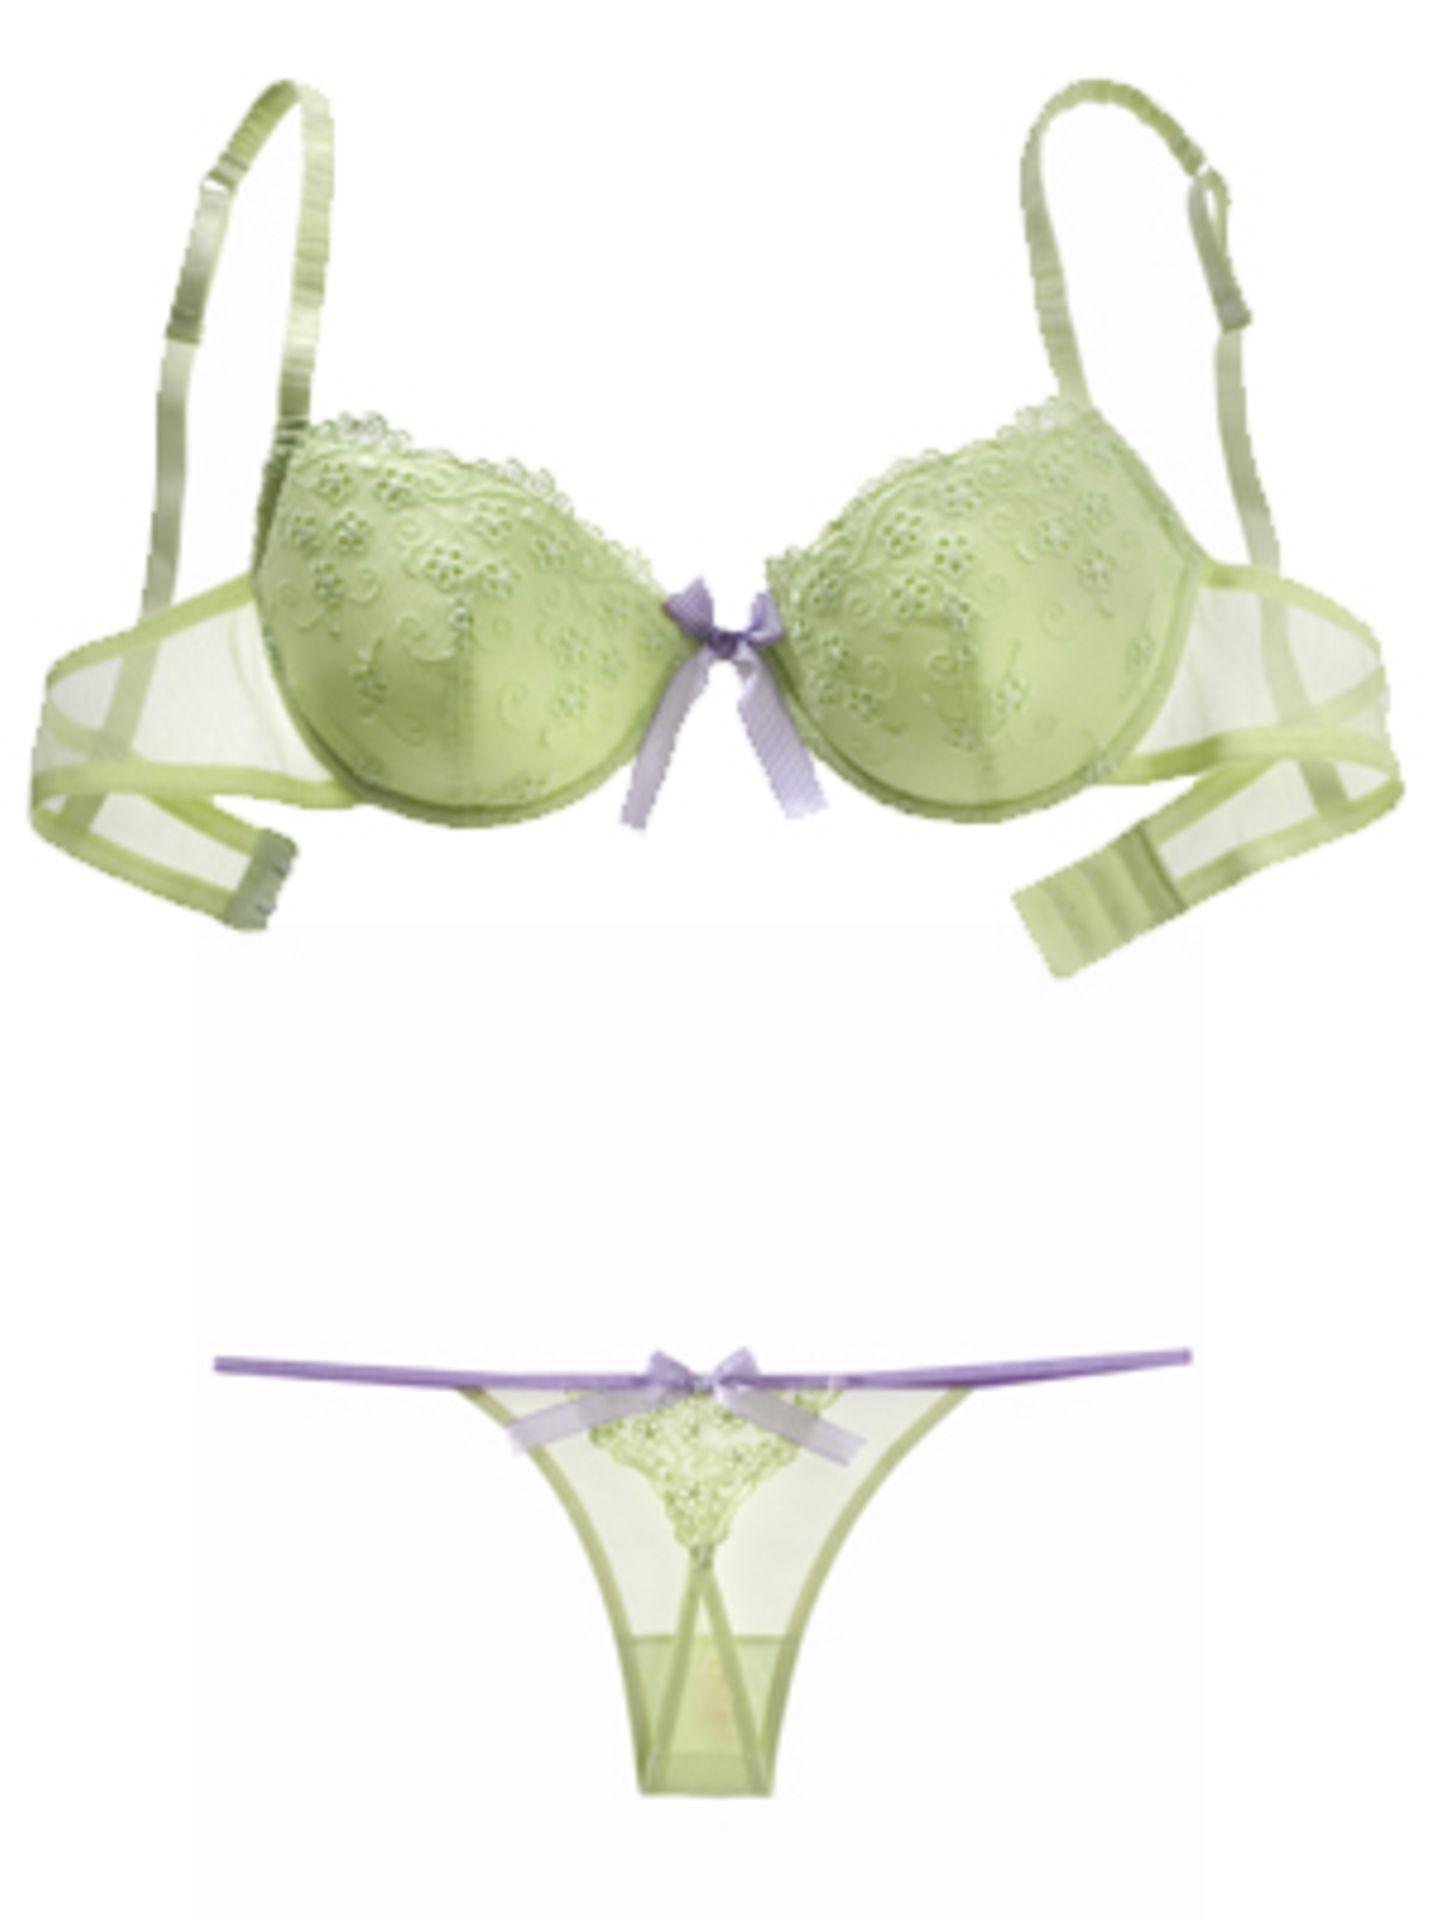 Gepaddeter BH und String in Grün mit violetten Details aus der Paradise Collection von Palmers. BH um 29,90 Euro, String ca. 12,90 Euro.